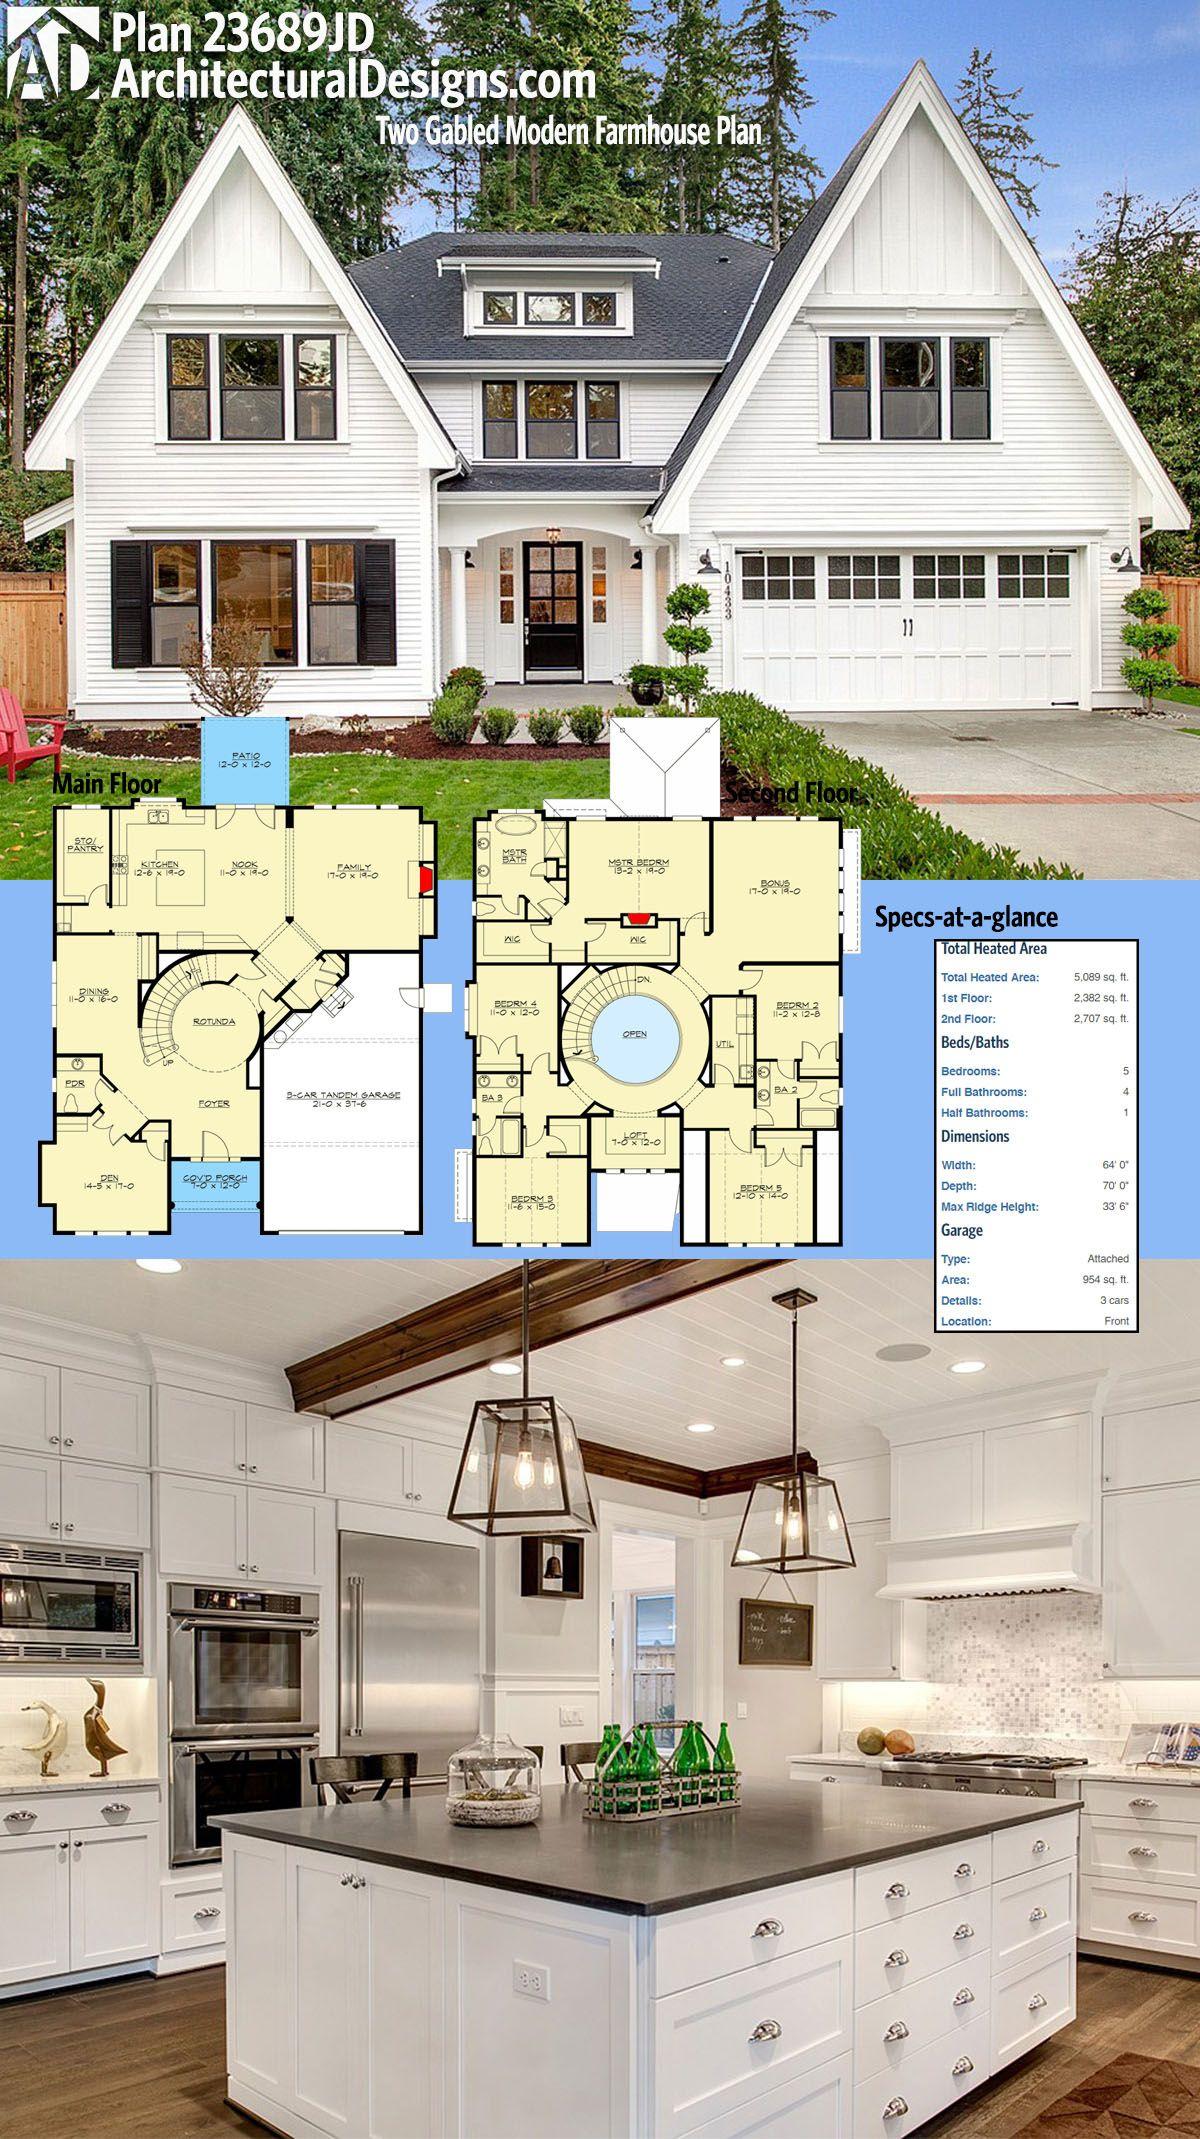 plan 23689jd two gabled modern farmhouse plan architectural plan 23689jd two gabled modern farmhouse plan